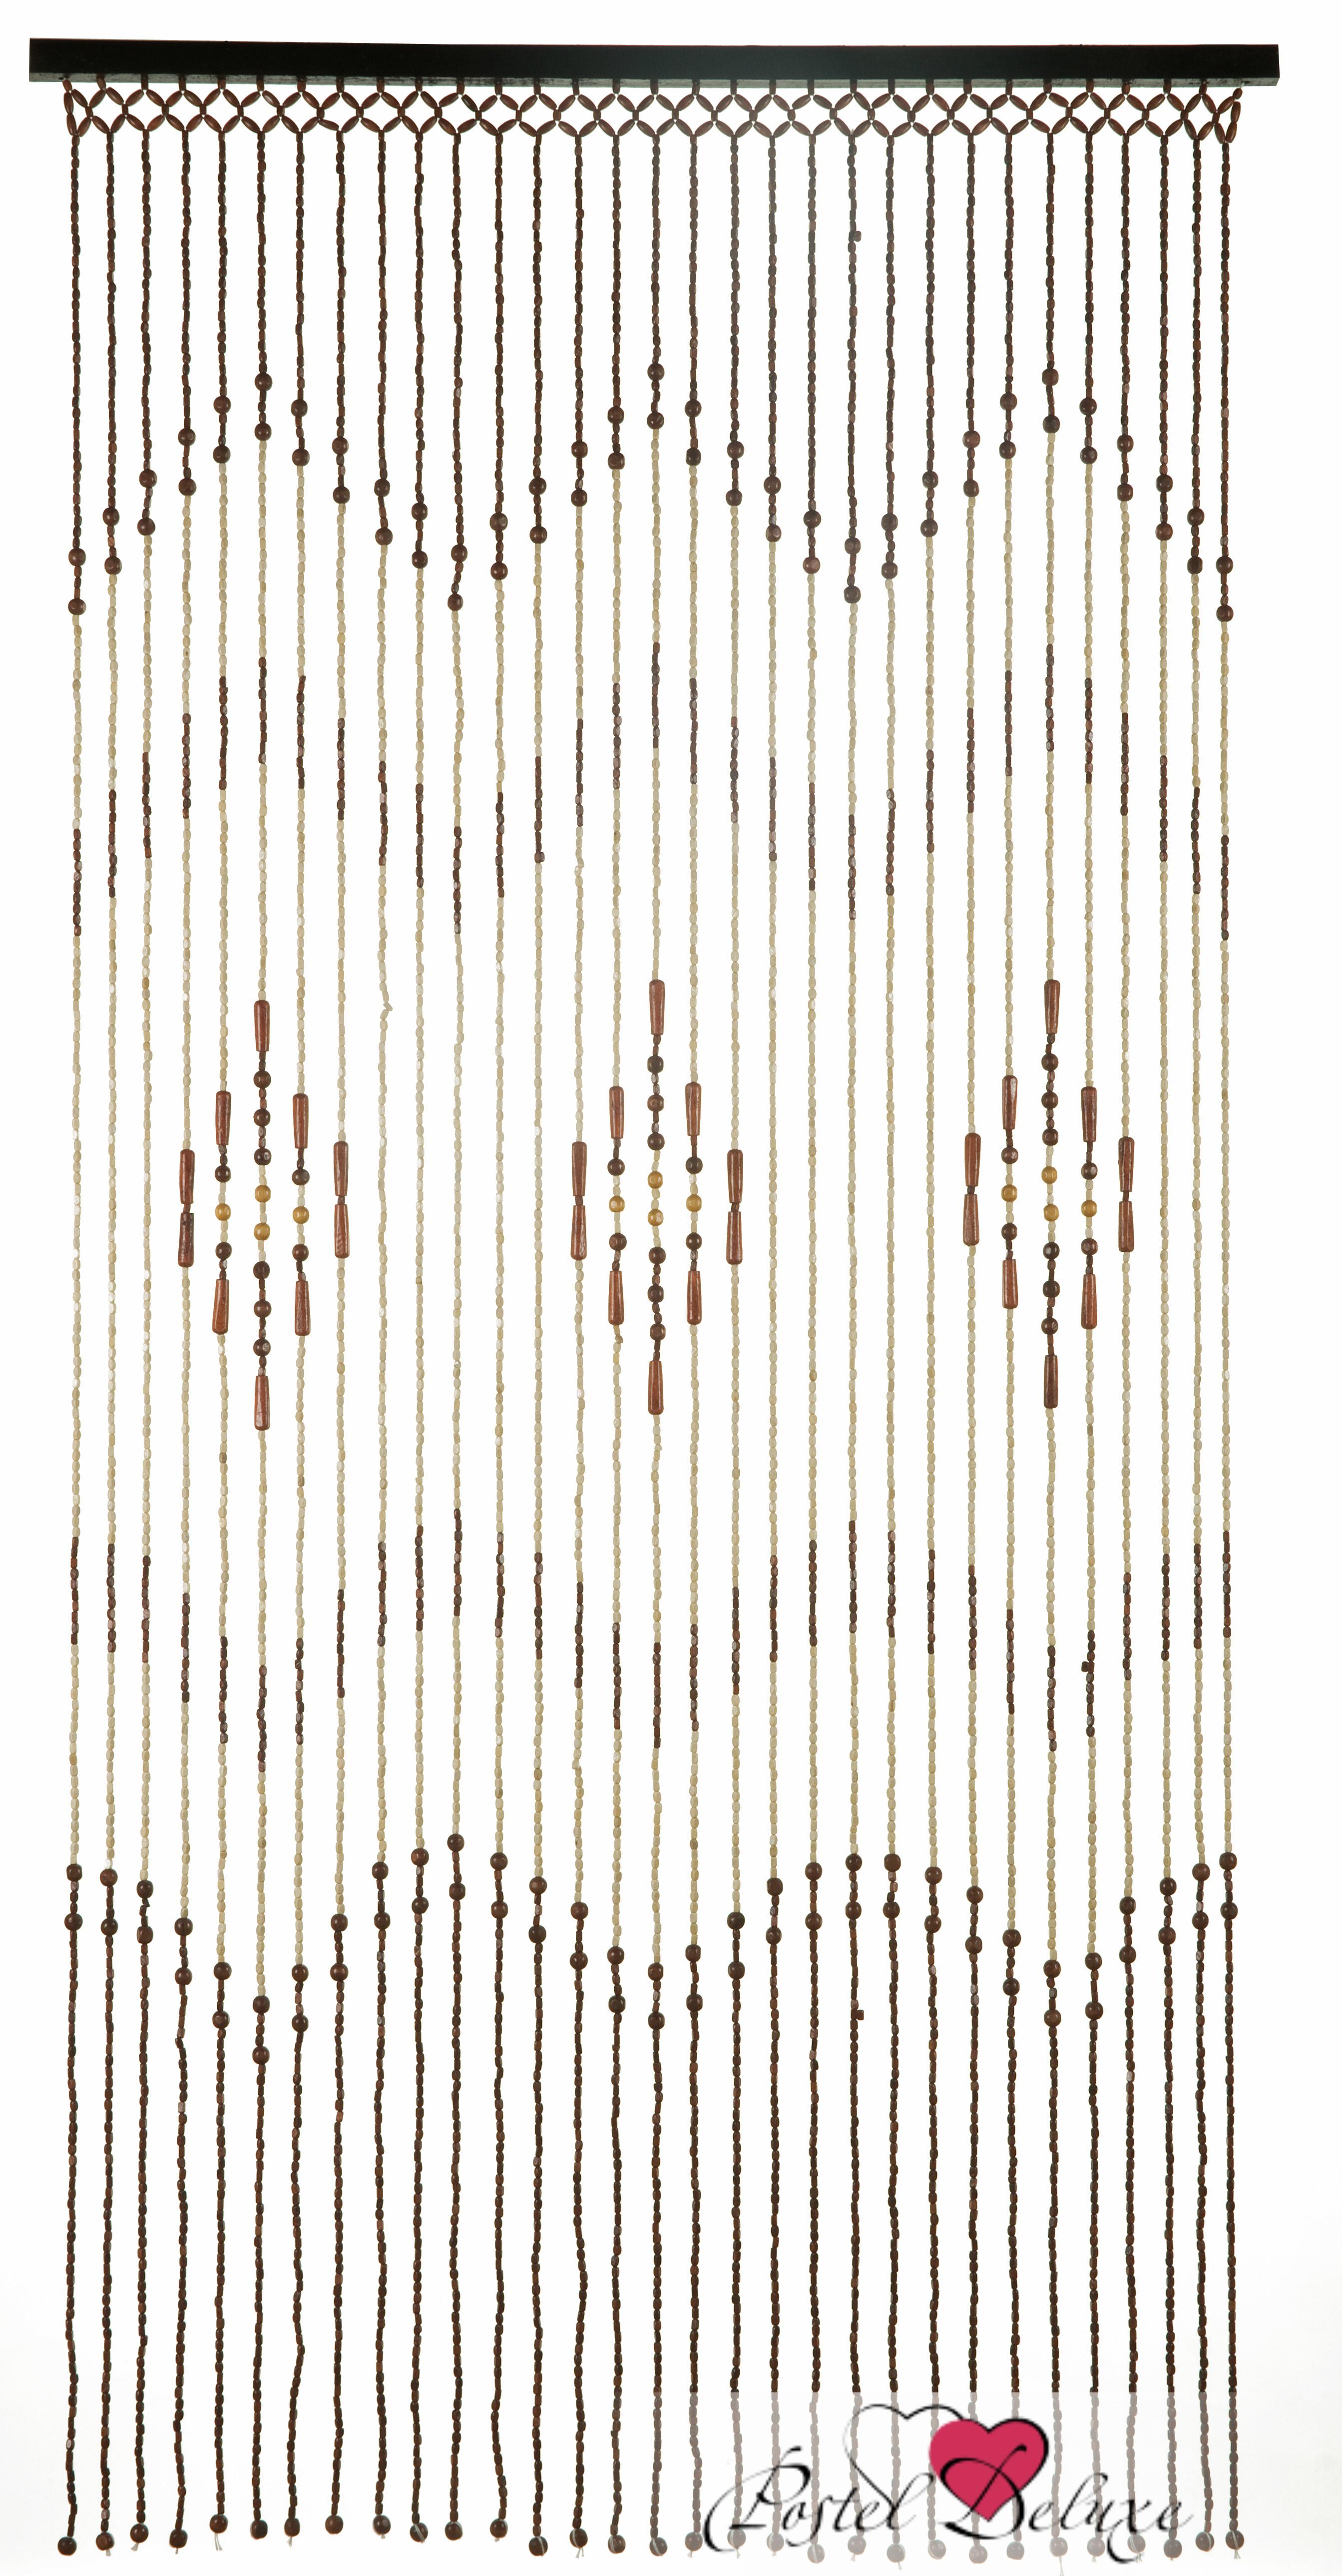 Шторы HomeDecoШторы<br>ВНИМАНИЕ! Комплектация штор может отличаться от представленной на фотографии. Фактическая комплектация указана в описании изделия.<br><br>Производитель: HomeDeco<br>Cтрана производства: Китай<br>Нитяные шторы<br>Материал гардины: Бусины<br>Состав гардины: 100% дерево<br>Размер гардины: 90х180 см (1 шт.)<br>Вид крепления: Карнизная планка<br>Рекомендуемая ширина карниза (см): 90<br>Бусины выполнены из натуральной древесины.<br><br>Тип: Шторы<br>Размерность комплекта: Нитяные шторы<br>Материал: Бусины<br>Размер наволочки: None<br>Подарочная упаковка: Нитяные шторы<br>Для детей: Нитяные шторы<br>Ткань: Бусины<br>Цвет: Черный